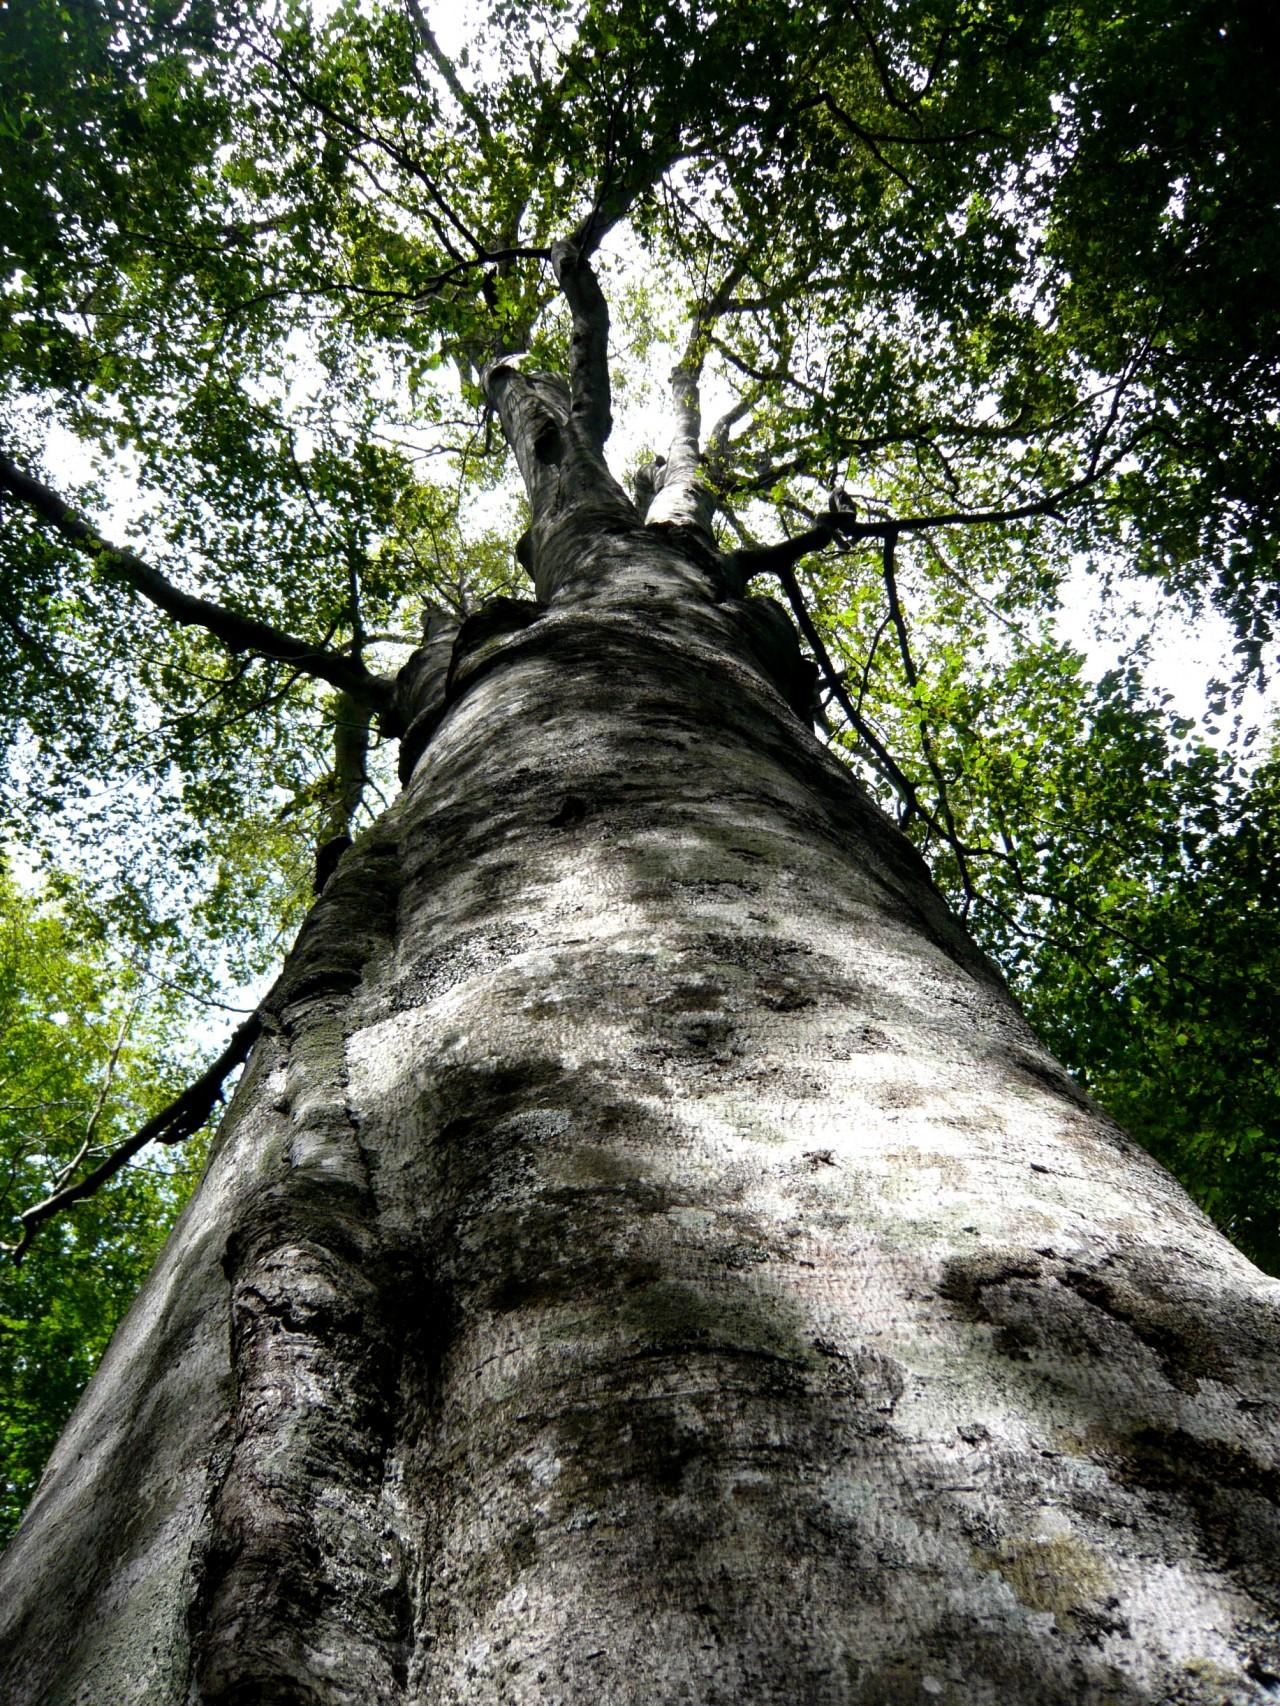 青森 上北 十和田市 風景 秋 奥入瀬渓流  蔦の森 大樹